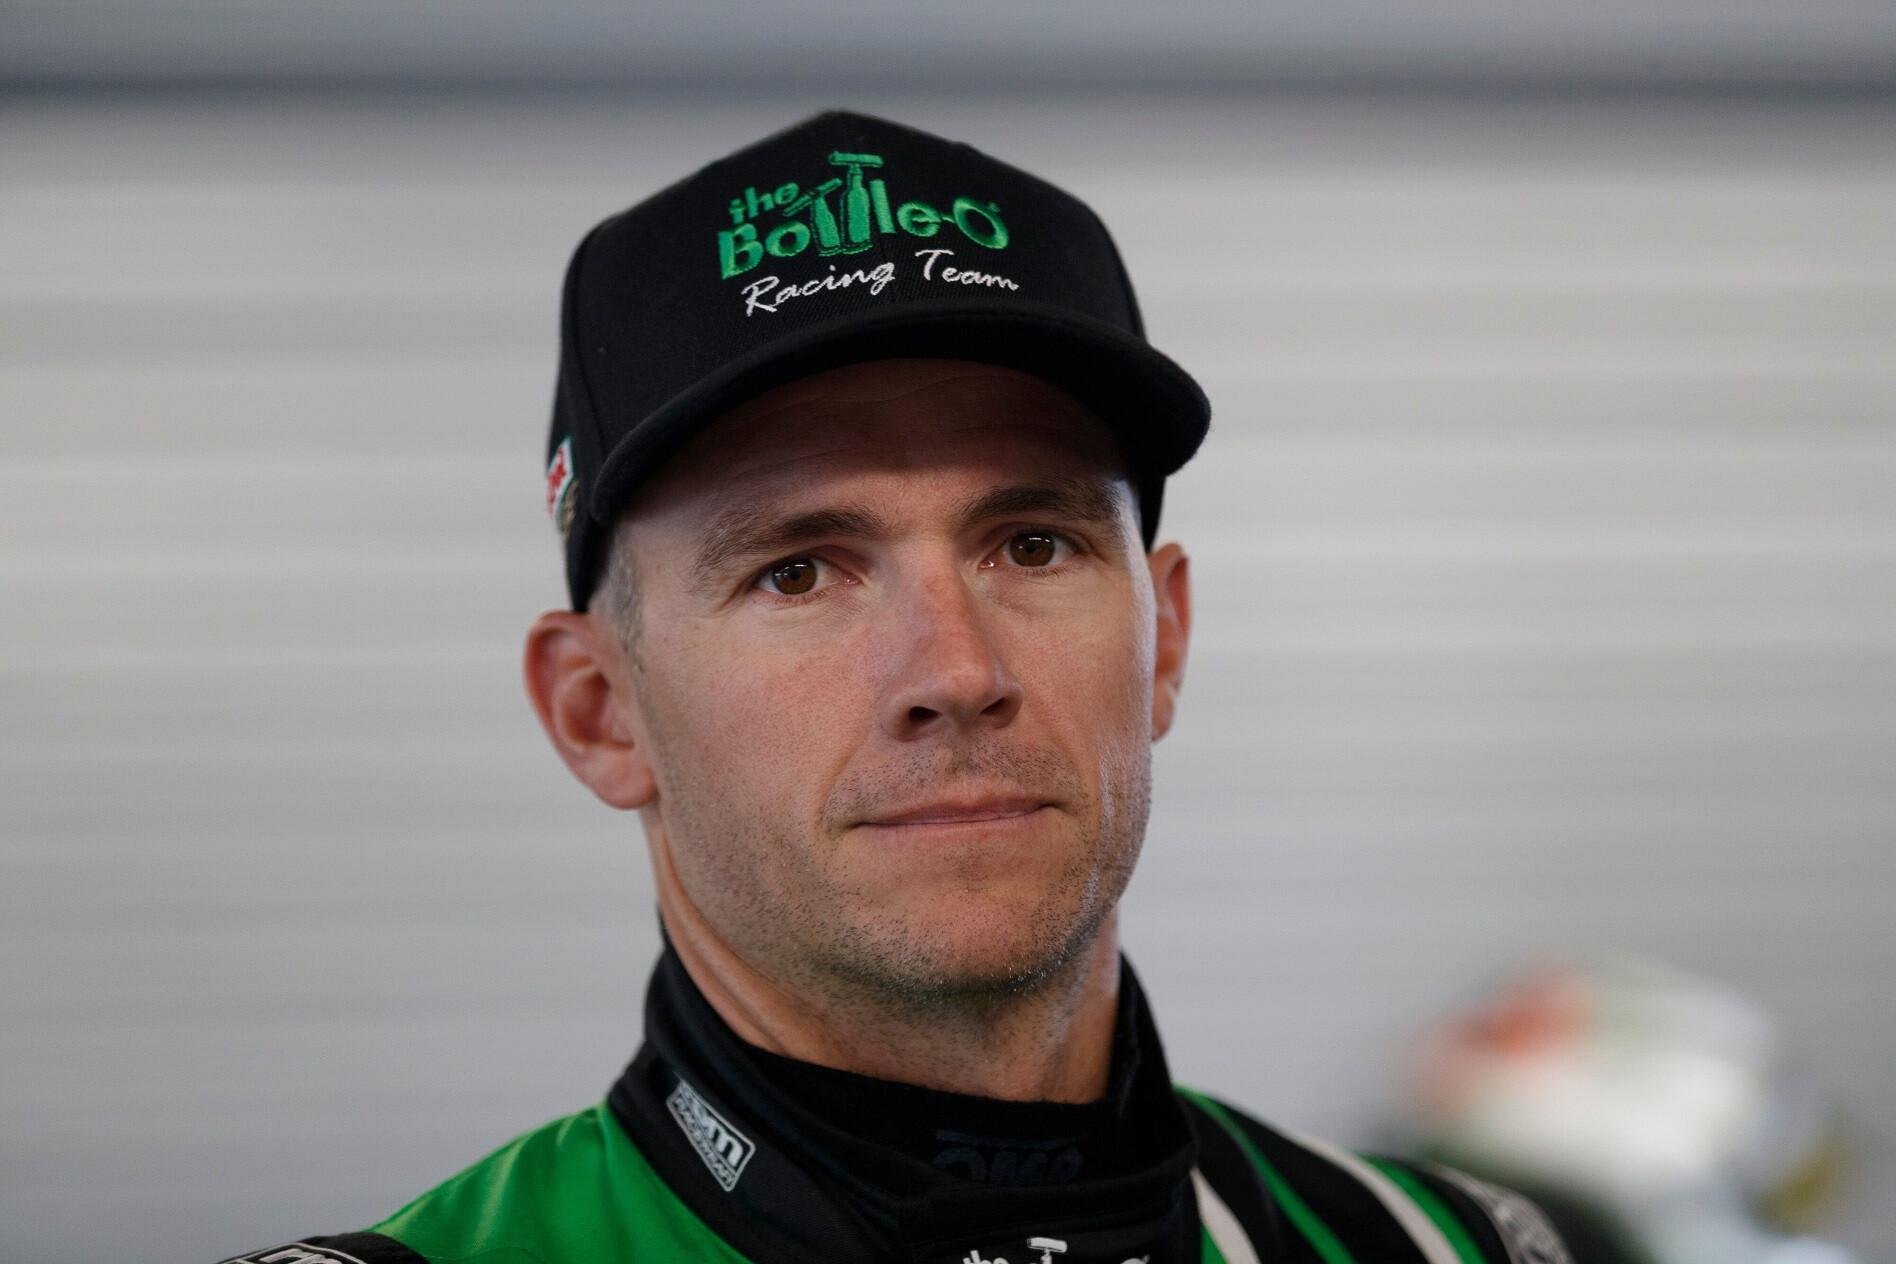 Supercars Lee Holdsworth 2019